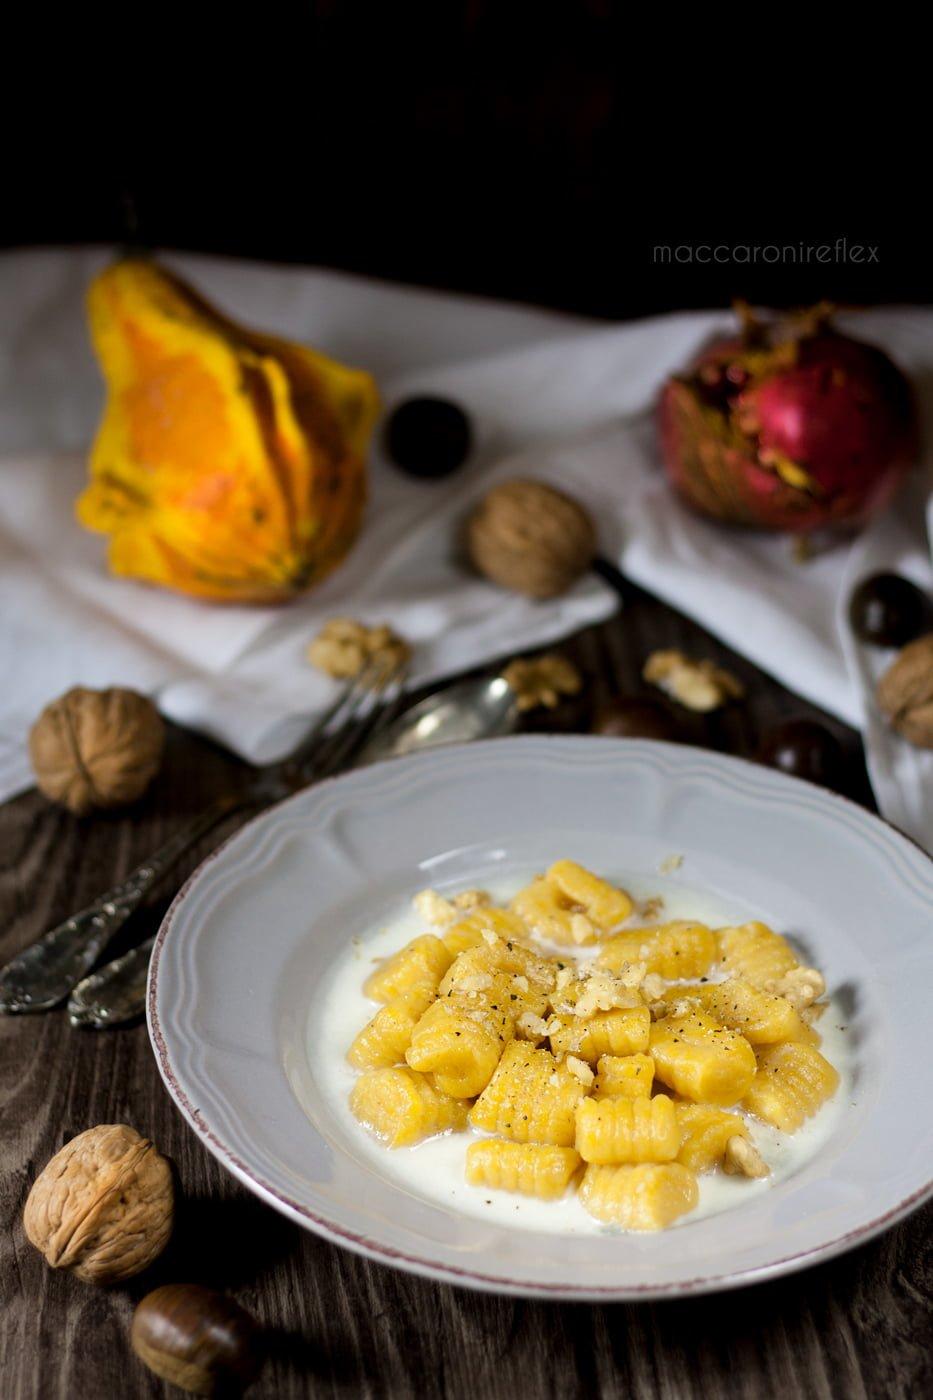 Gnocchi di zucca con gorgonzola e noci